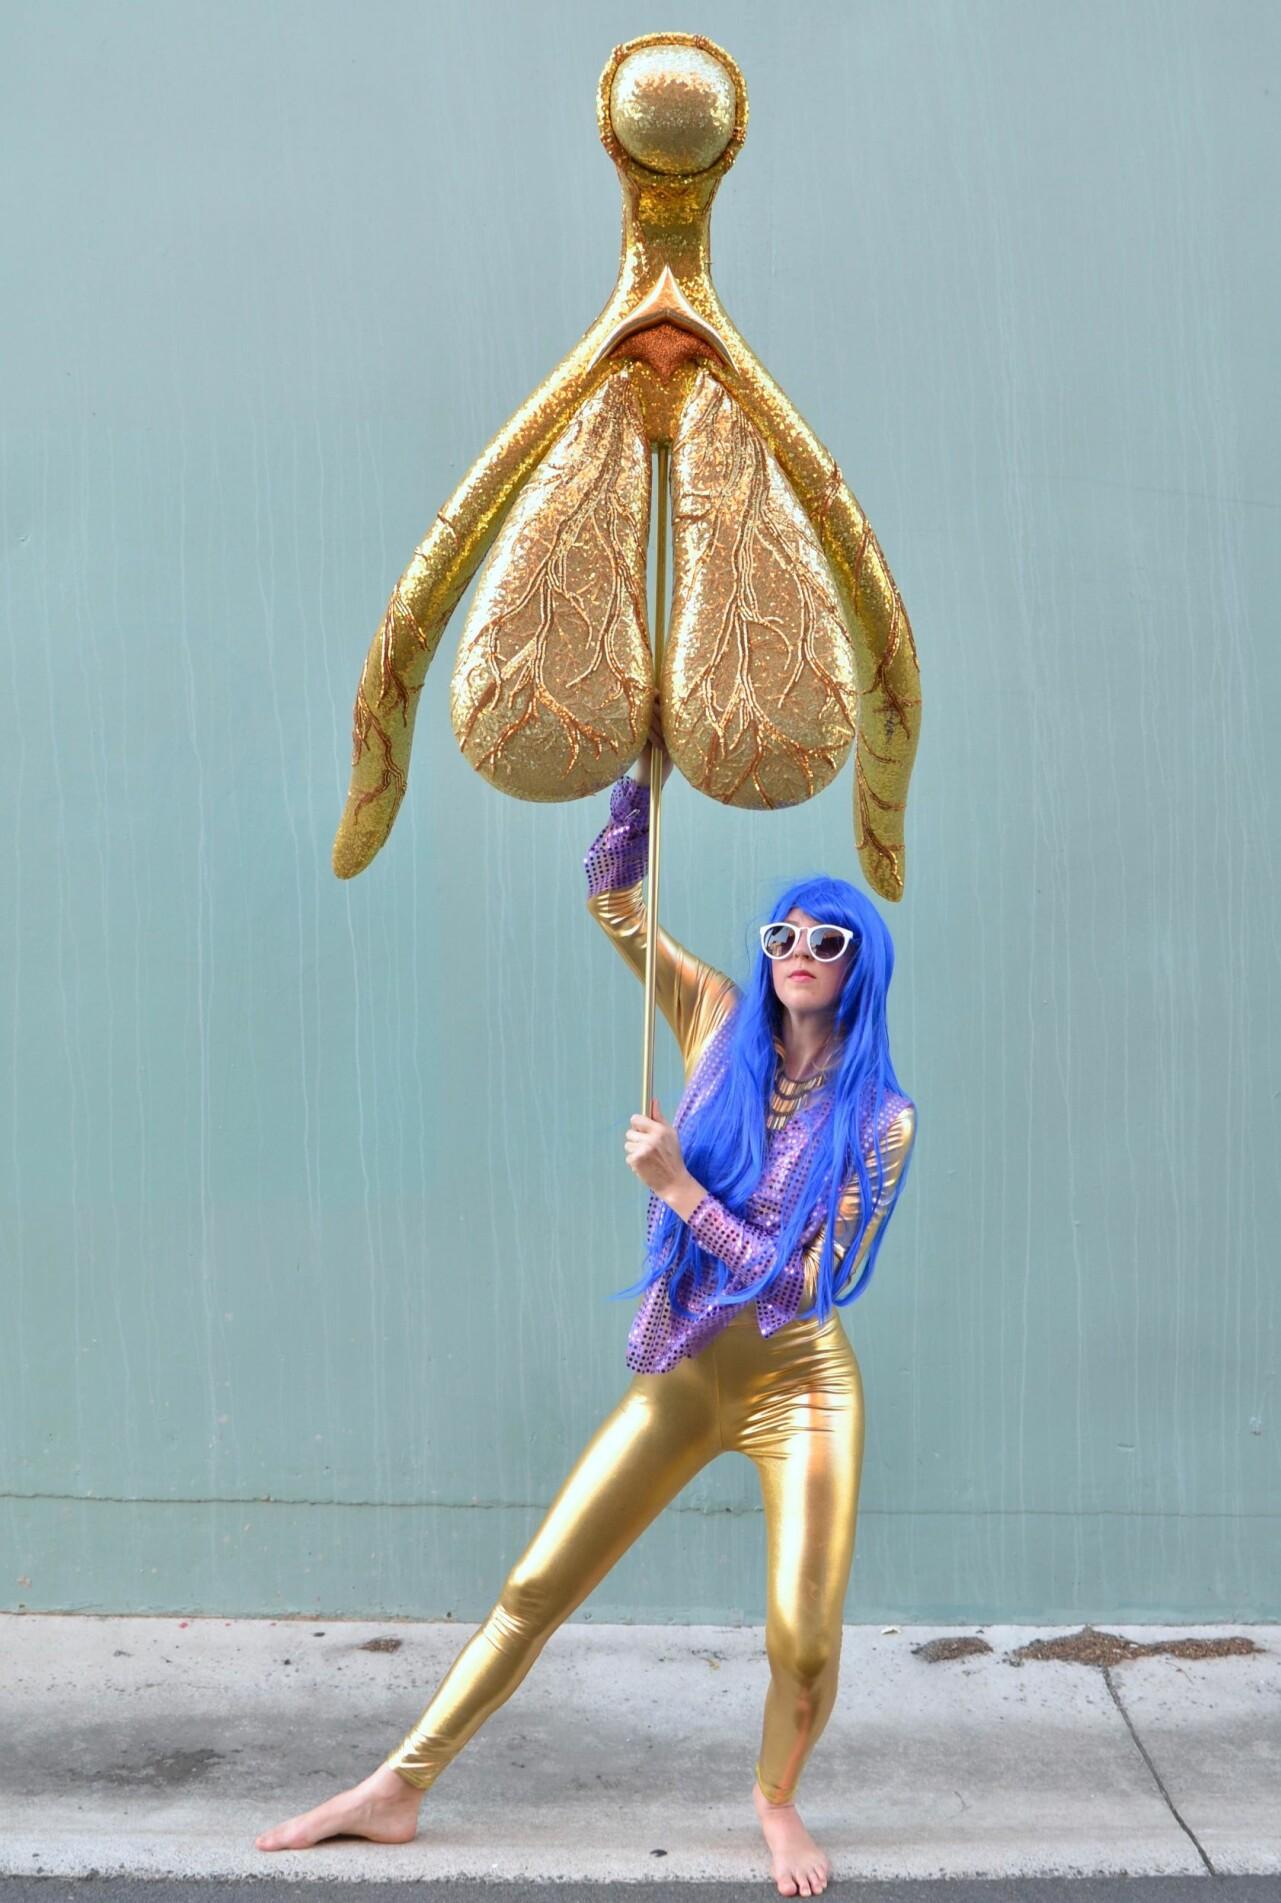 Den australske performancekunstneren Alli Sebastian Wolf har laget kunstverket «Glitoris», en gullklitoris i størrelse 1:100 med paljetter og glitter, fordi hun mener uvitenheten om det kvinnelige kjønnsorganet er for stor.